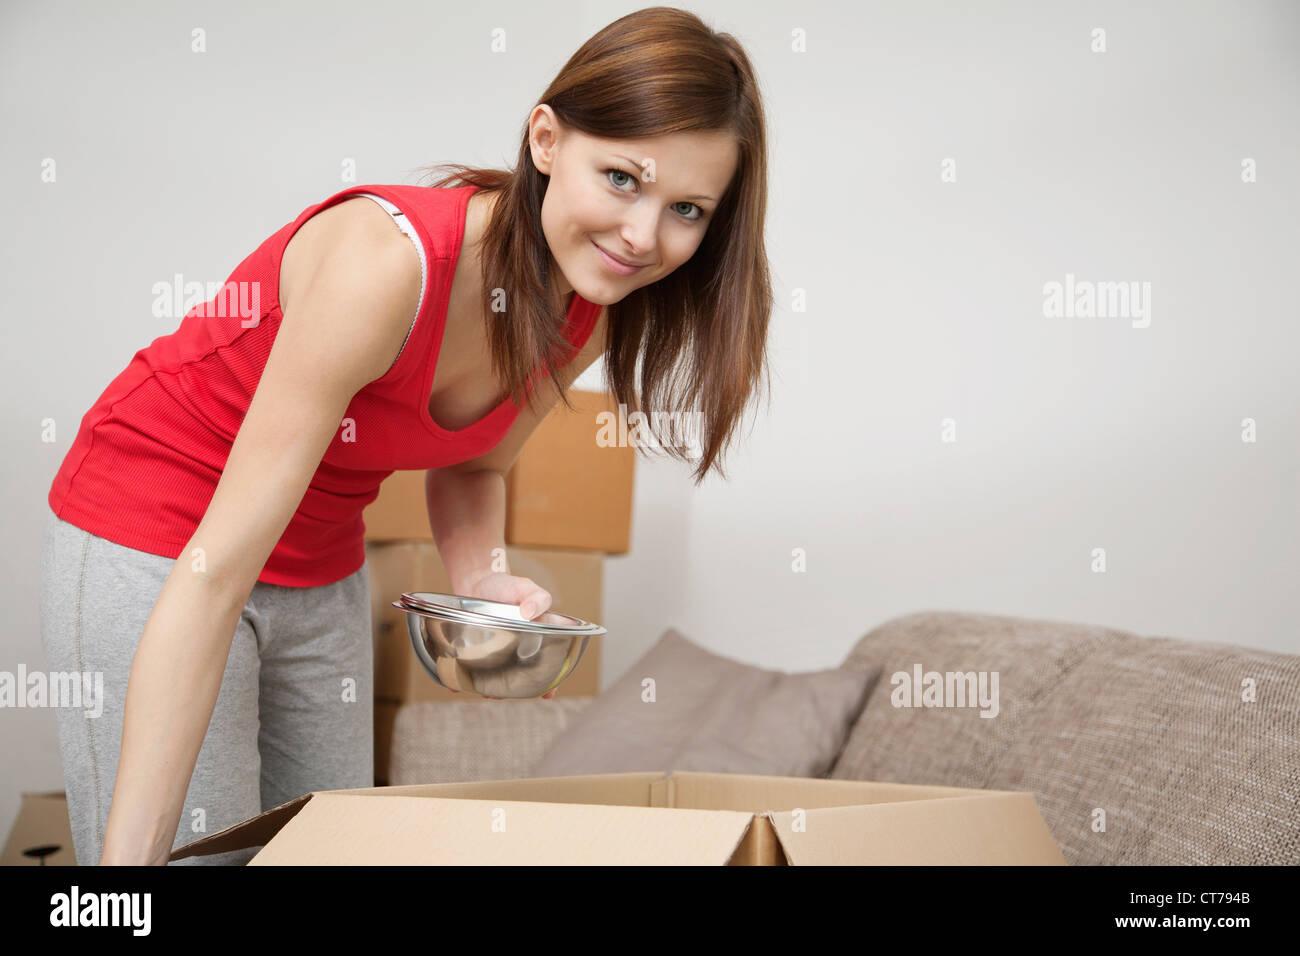 Ritratto di giovane donna imballaggio per spostare home Immagini Stock